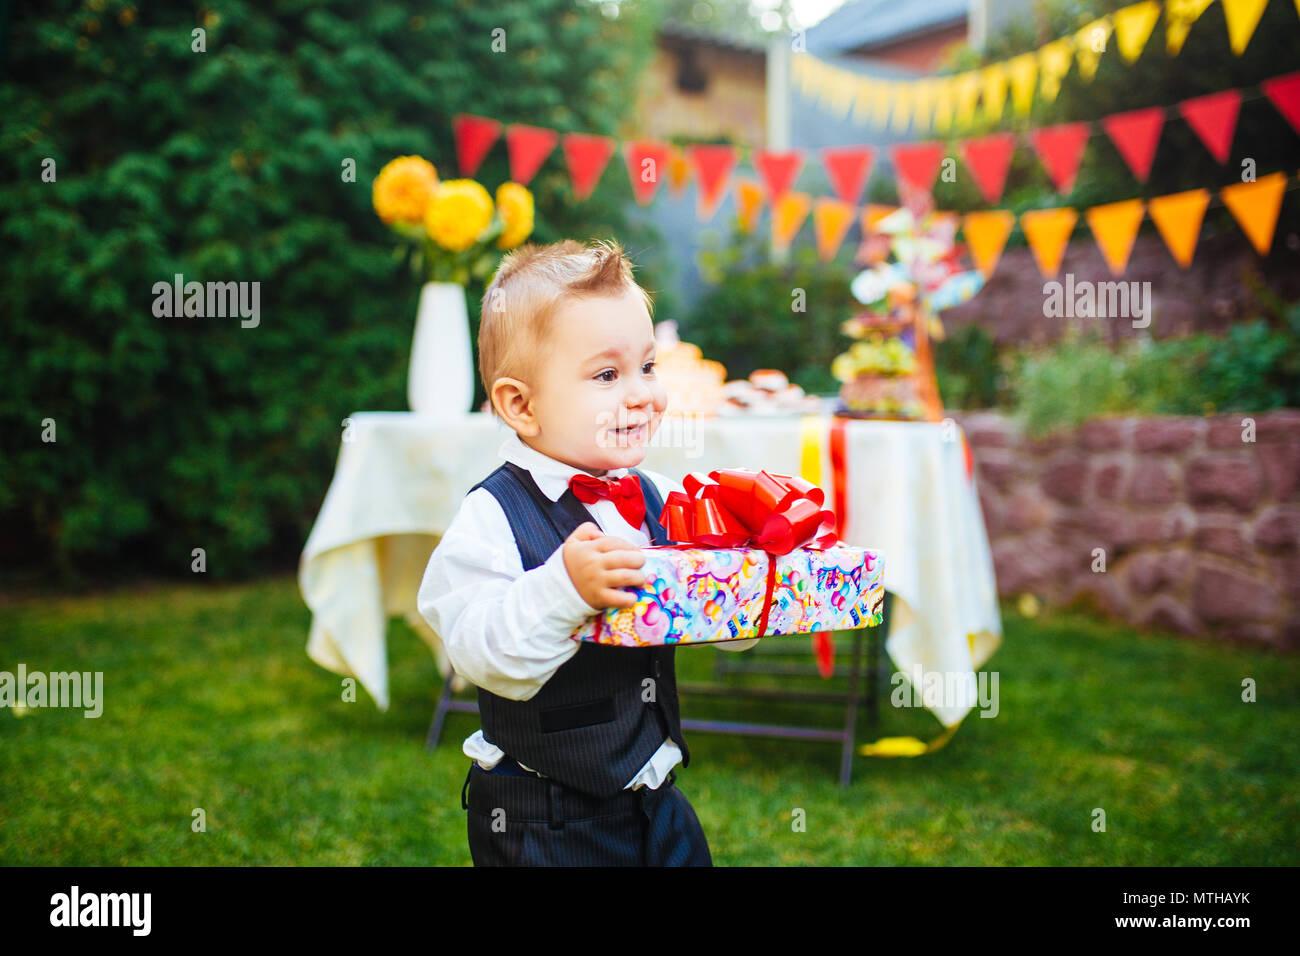 Sorprese Per Un Compleanno sorpresa per il compleanno. il ragazzo è in possesso di una